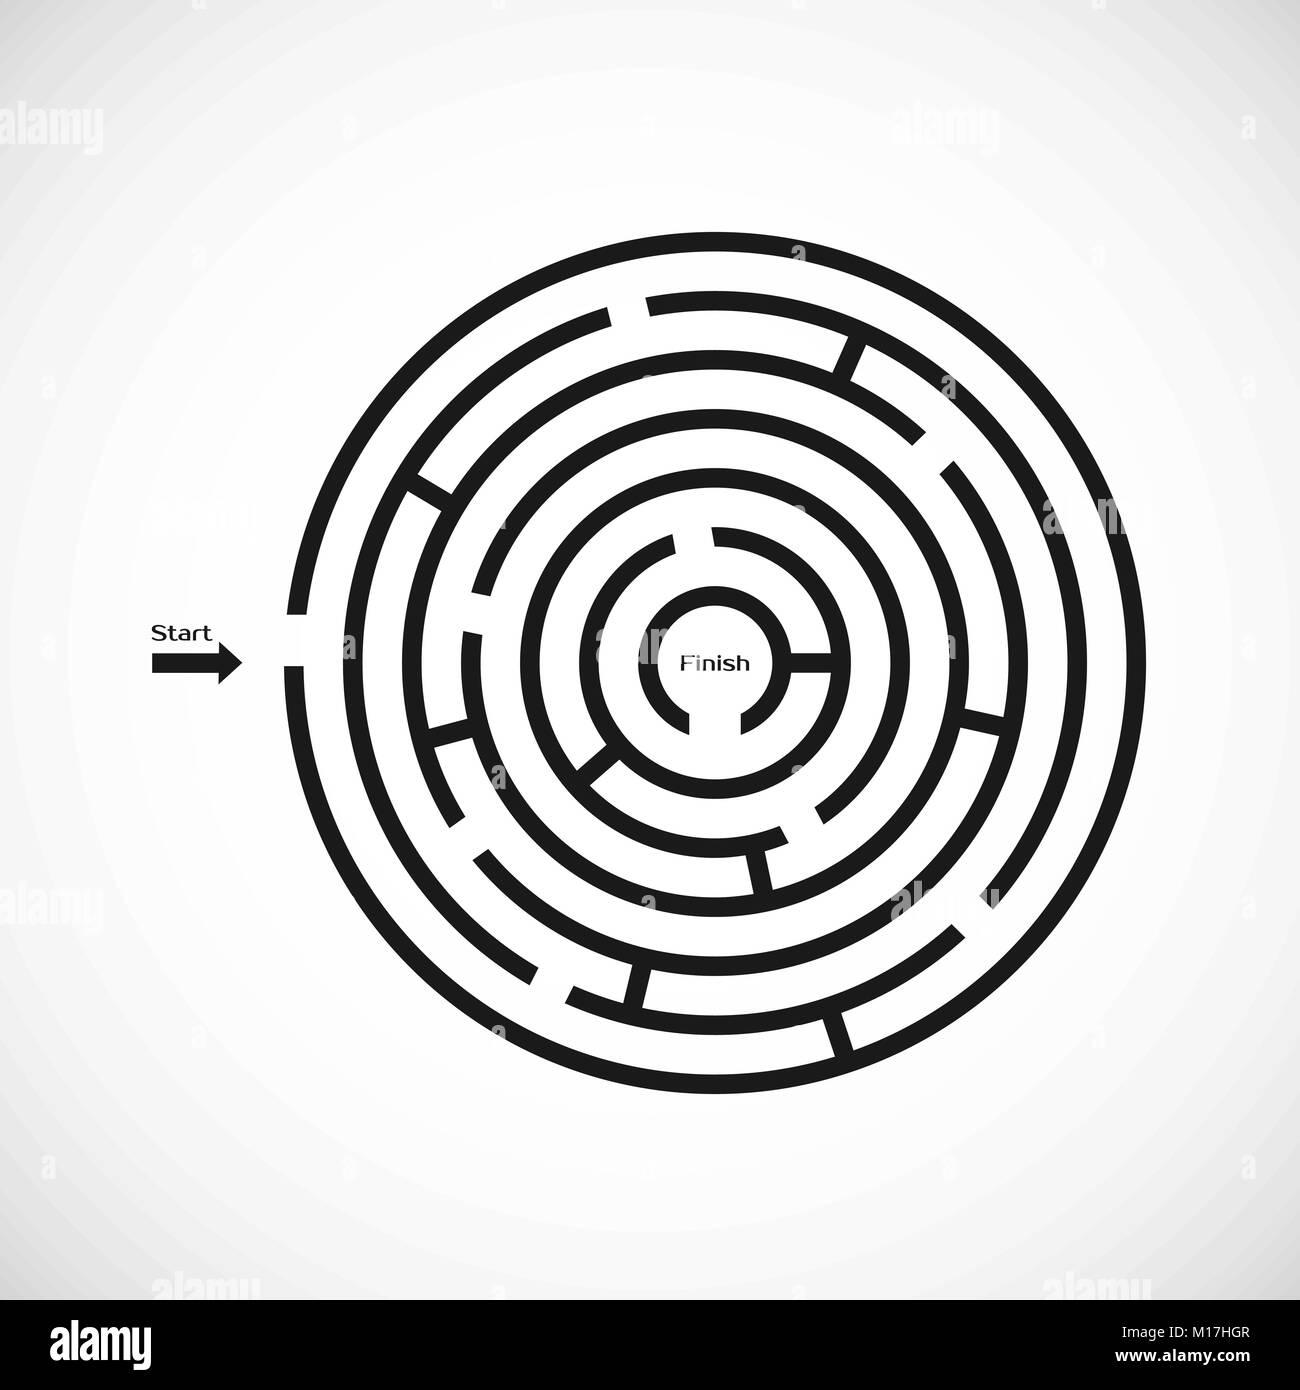 Labyrinthe Labyrinthe Résumé icône. Conception de forme de labyrinthe circulaire élément. Vector illustration isolé Illustration de Vecteur